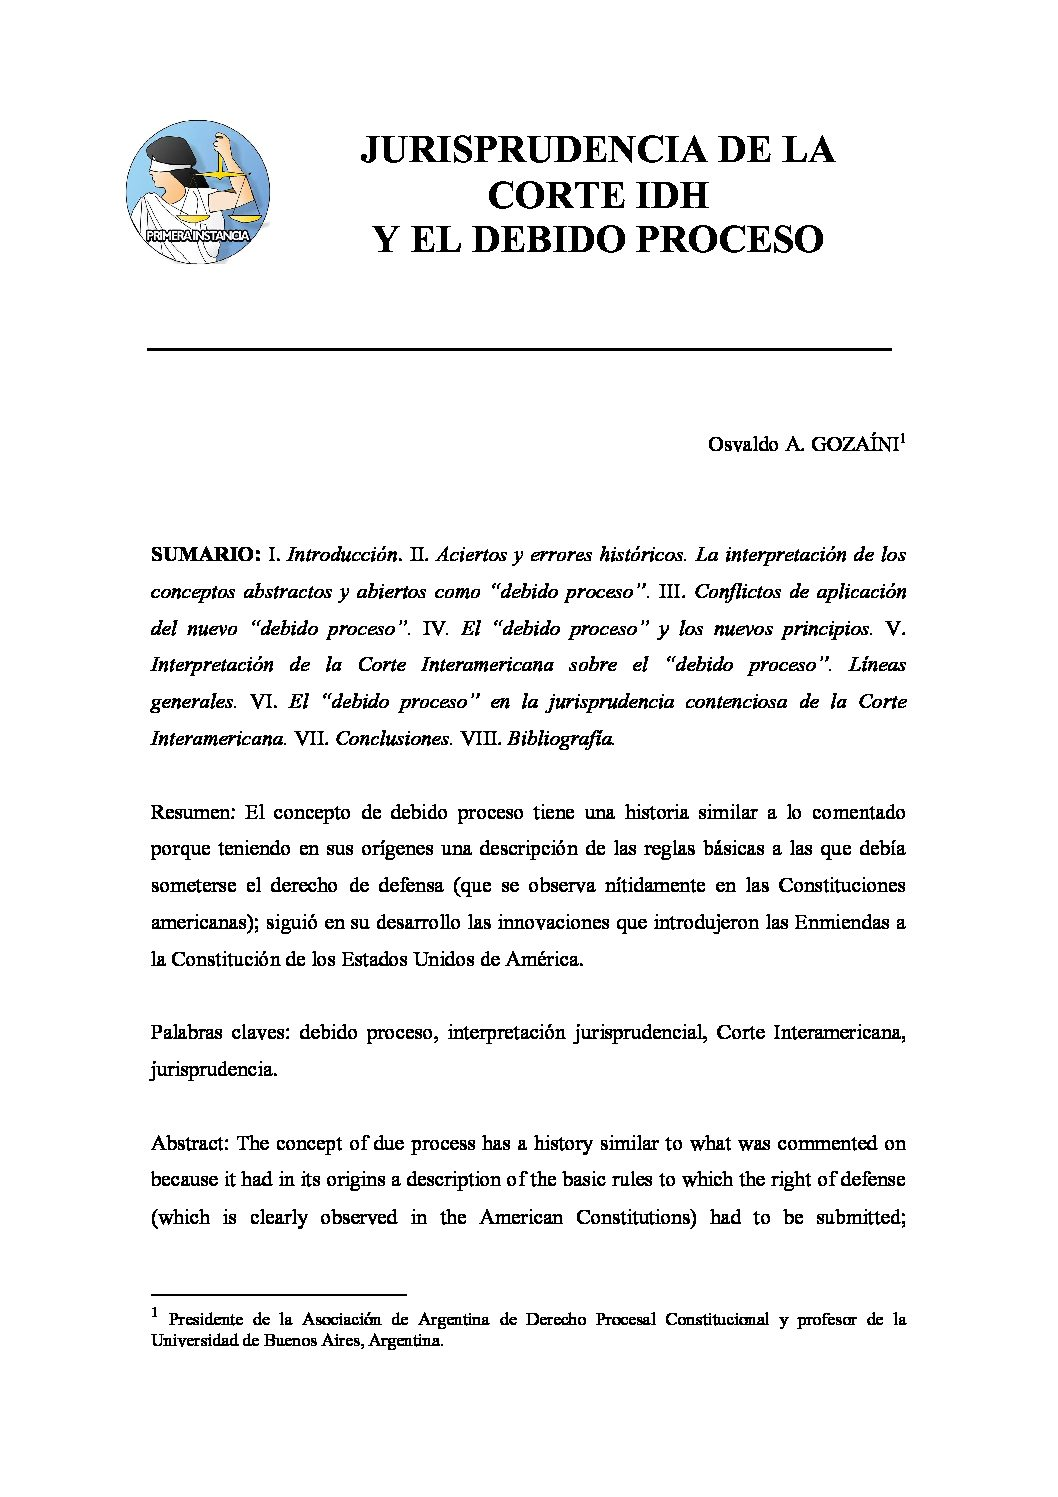 JURISPRUDENCIA DE LA CORTE IDH Y EL DEBIDO PROCESO, Osvaldo A. Gozaíni